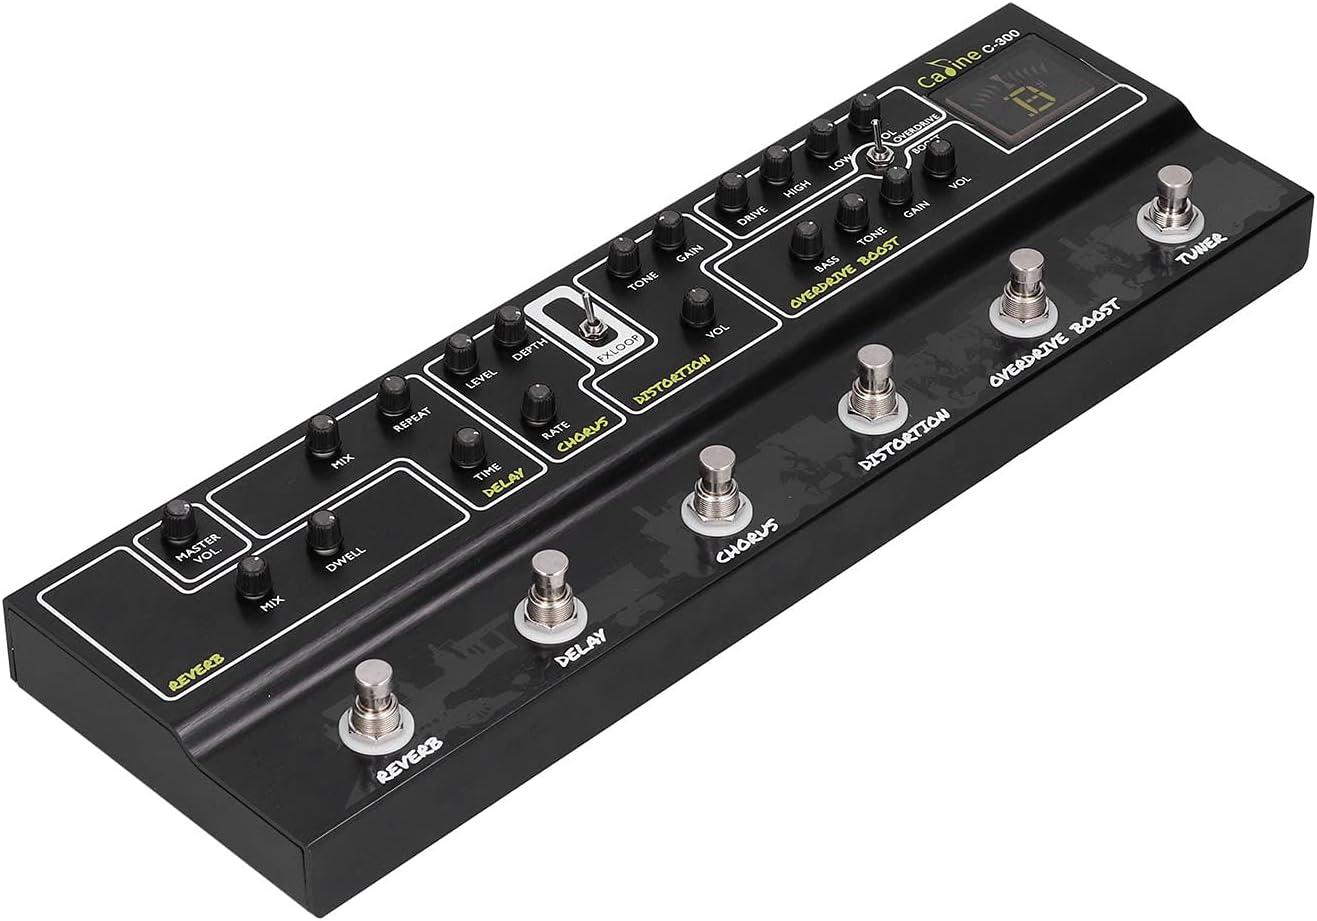 Accesorios de guitarra, 6 efectos de simulación Función auxiliar Pedales de efecto Uitar Afinador de pedal integrado para accesorio de guitarra para suministro de instrumentos